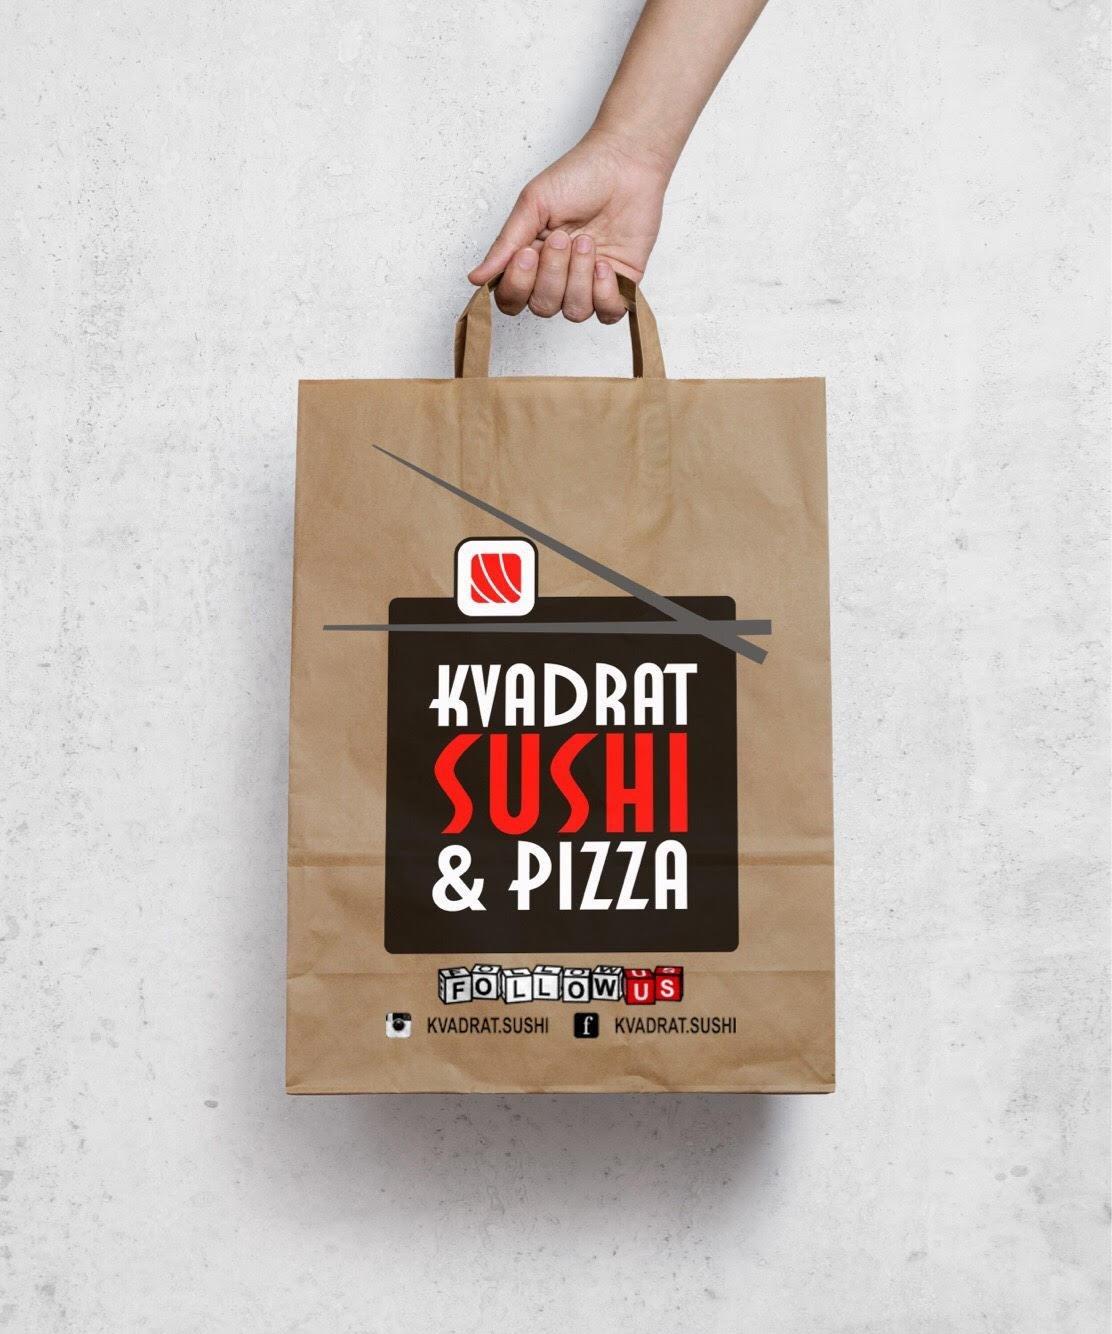 Як і де у Львові замовити суші із безкоштовною доставкою - 032.ua 5f6344d3416b1